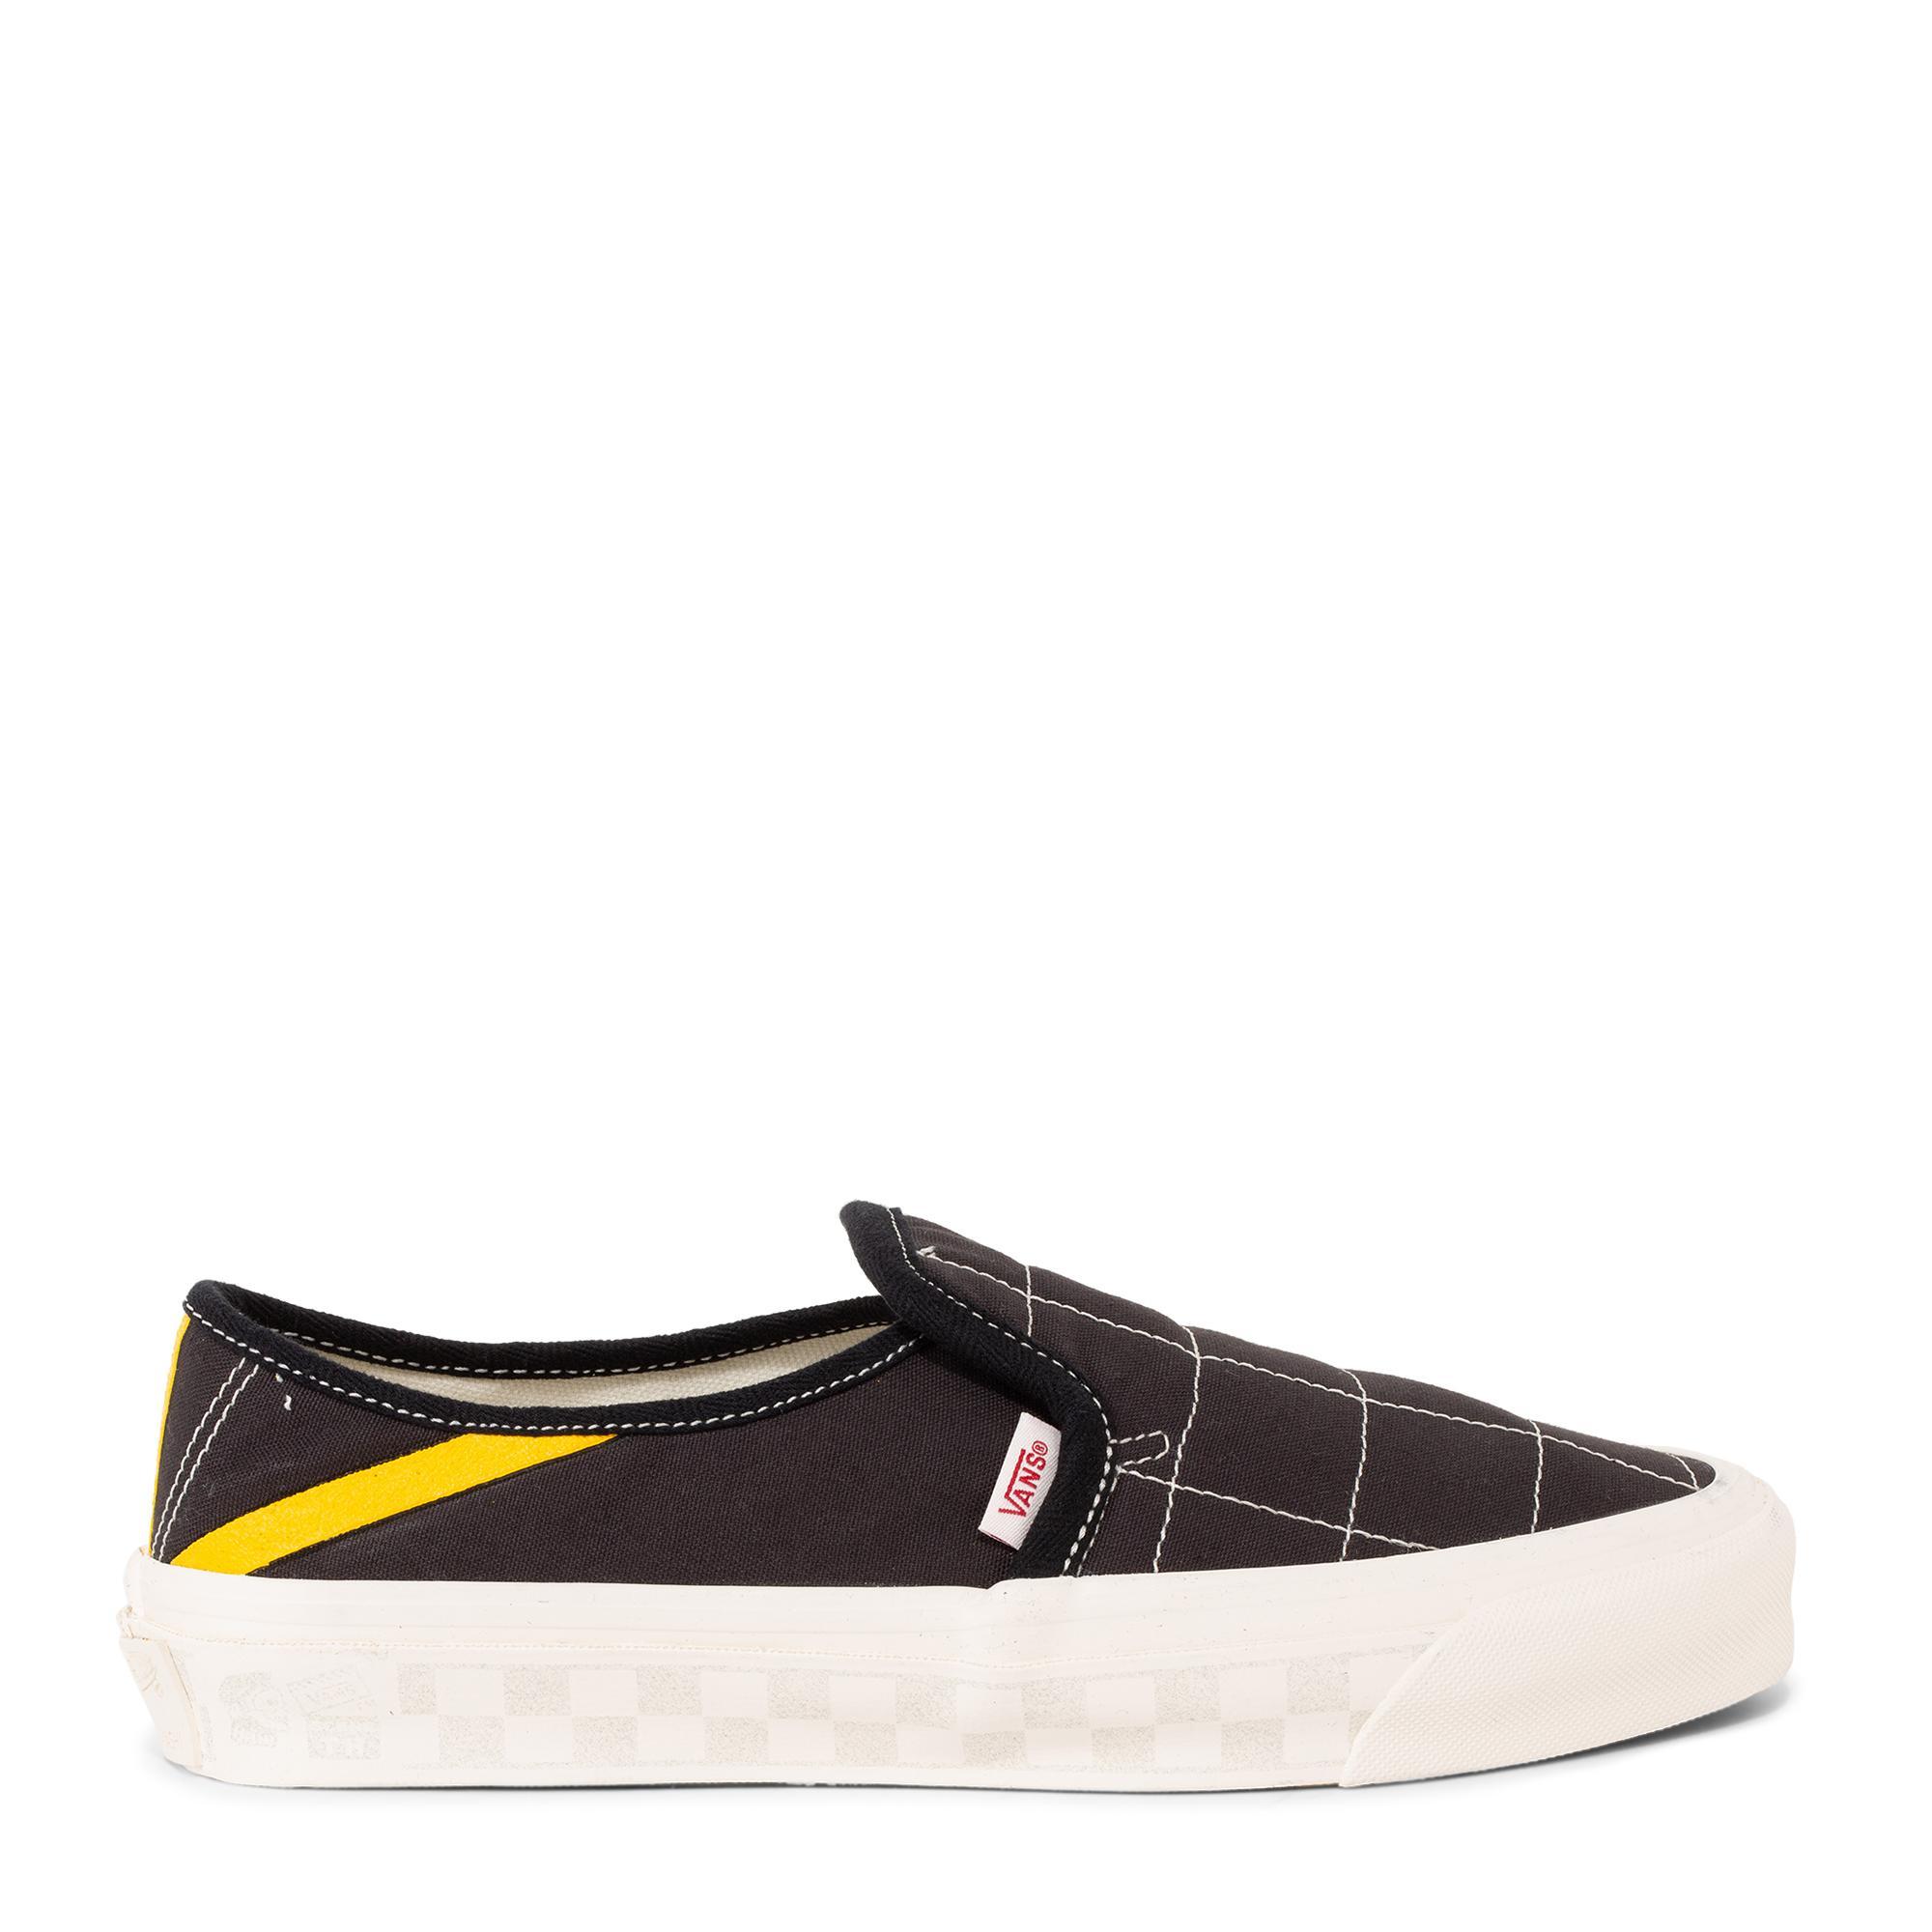 """حذاء """"تي إتش ستايل 47 إل إكس"""" الرياضي بدون أربطة"""